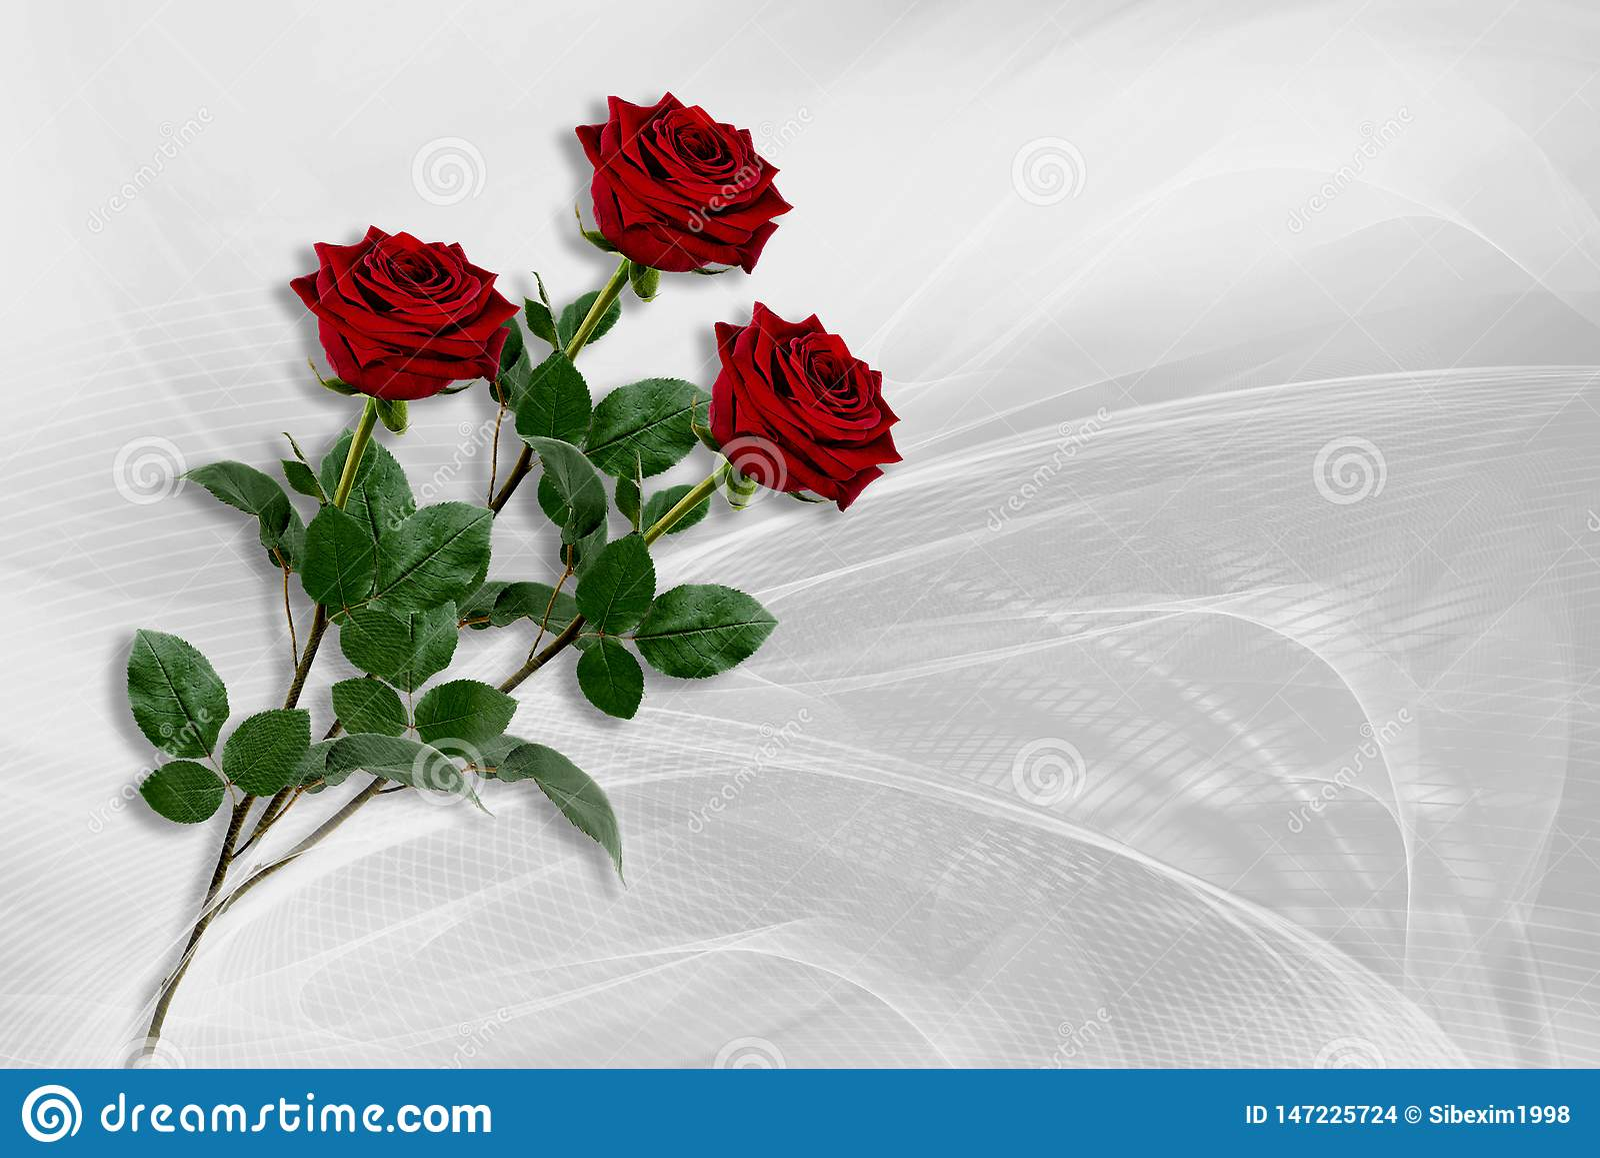 Drie rode rozen liggen op een grijs-witte achtergrond